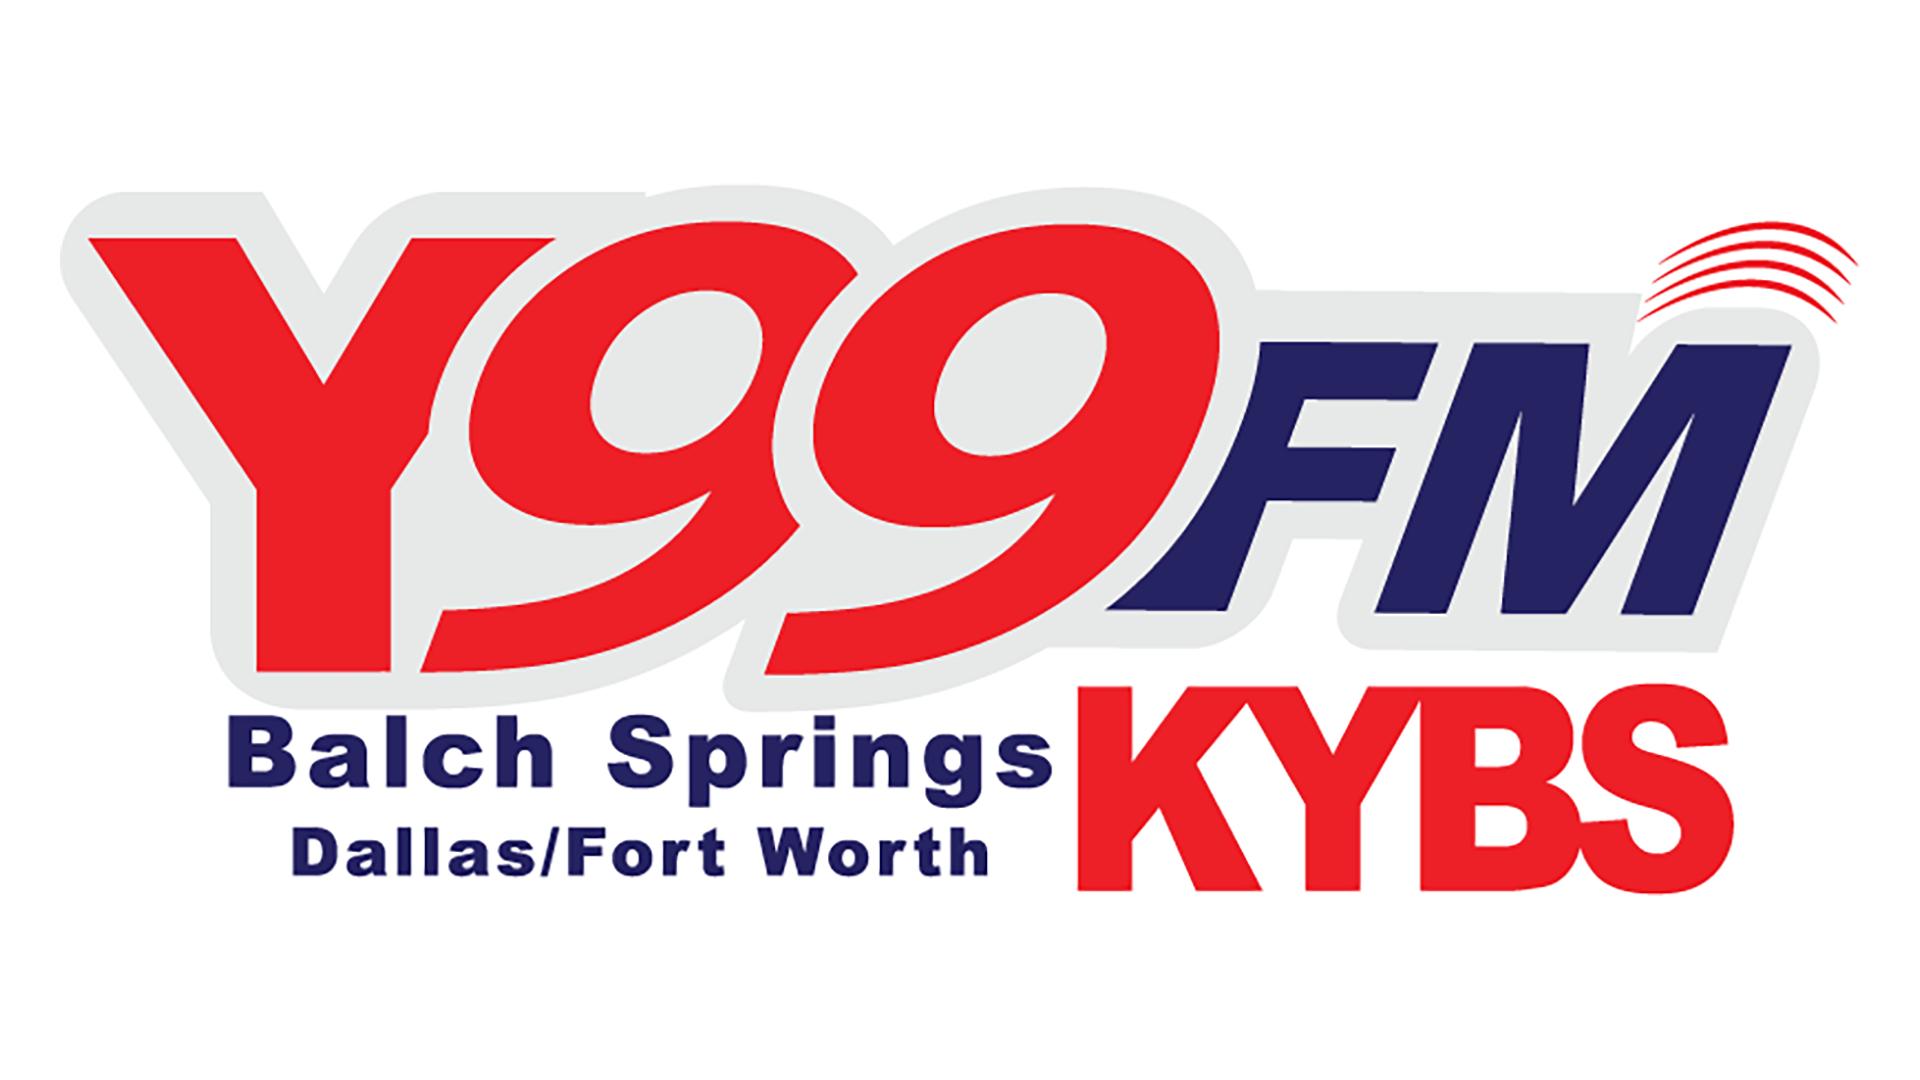 KYBS-LP 99.9 FM